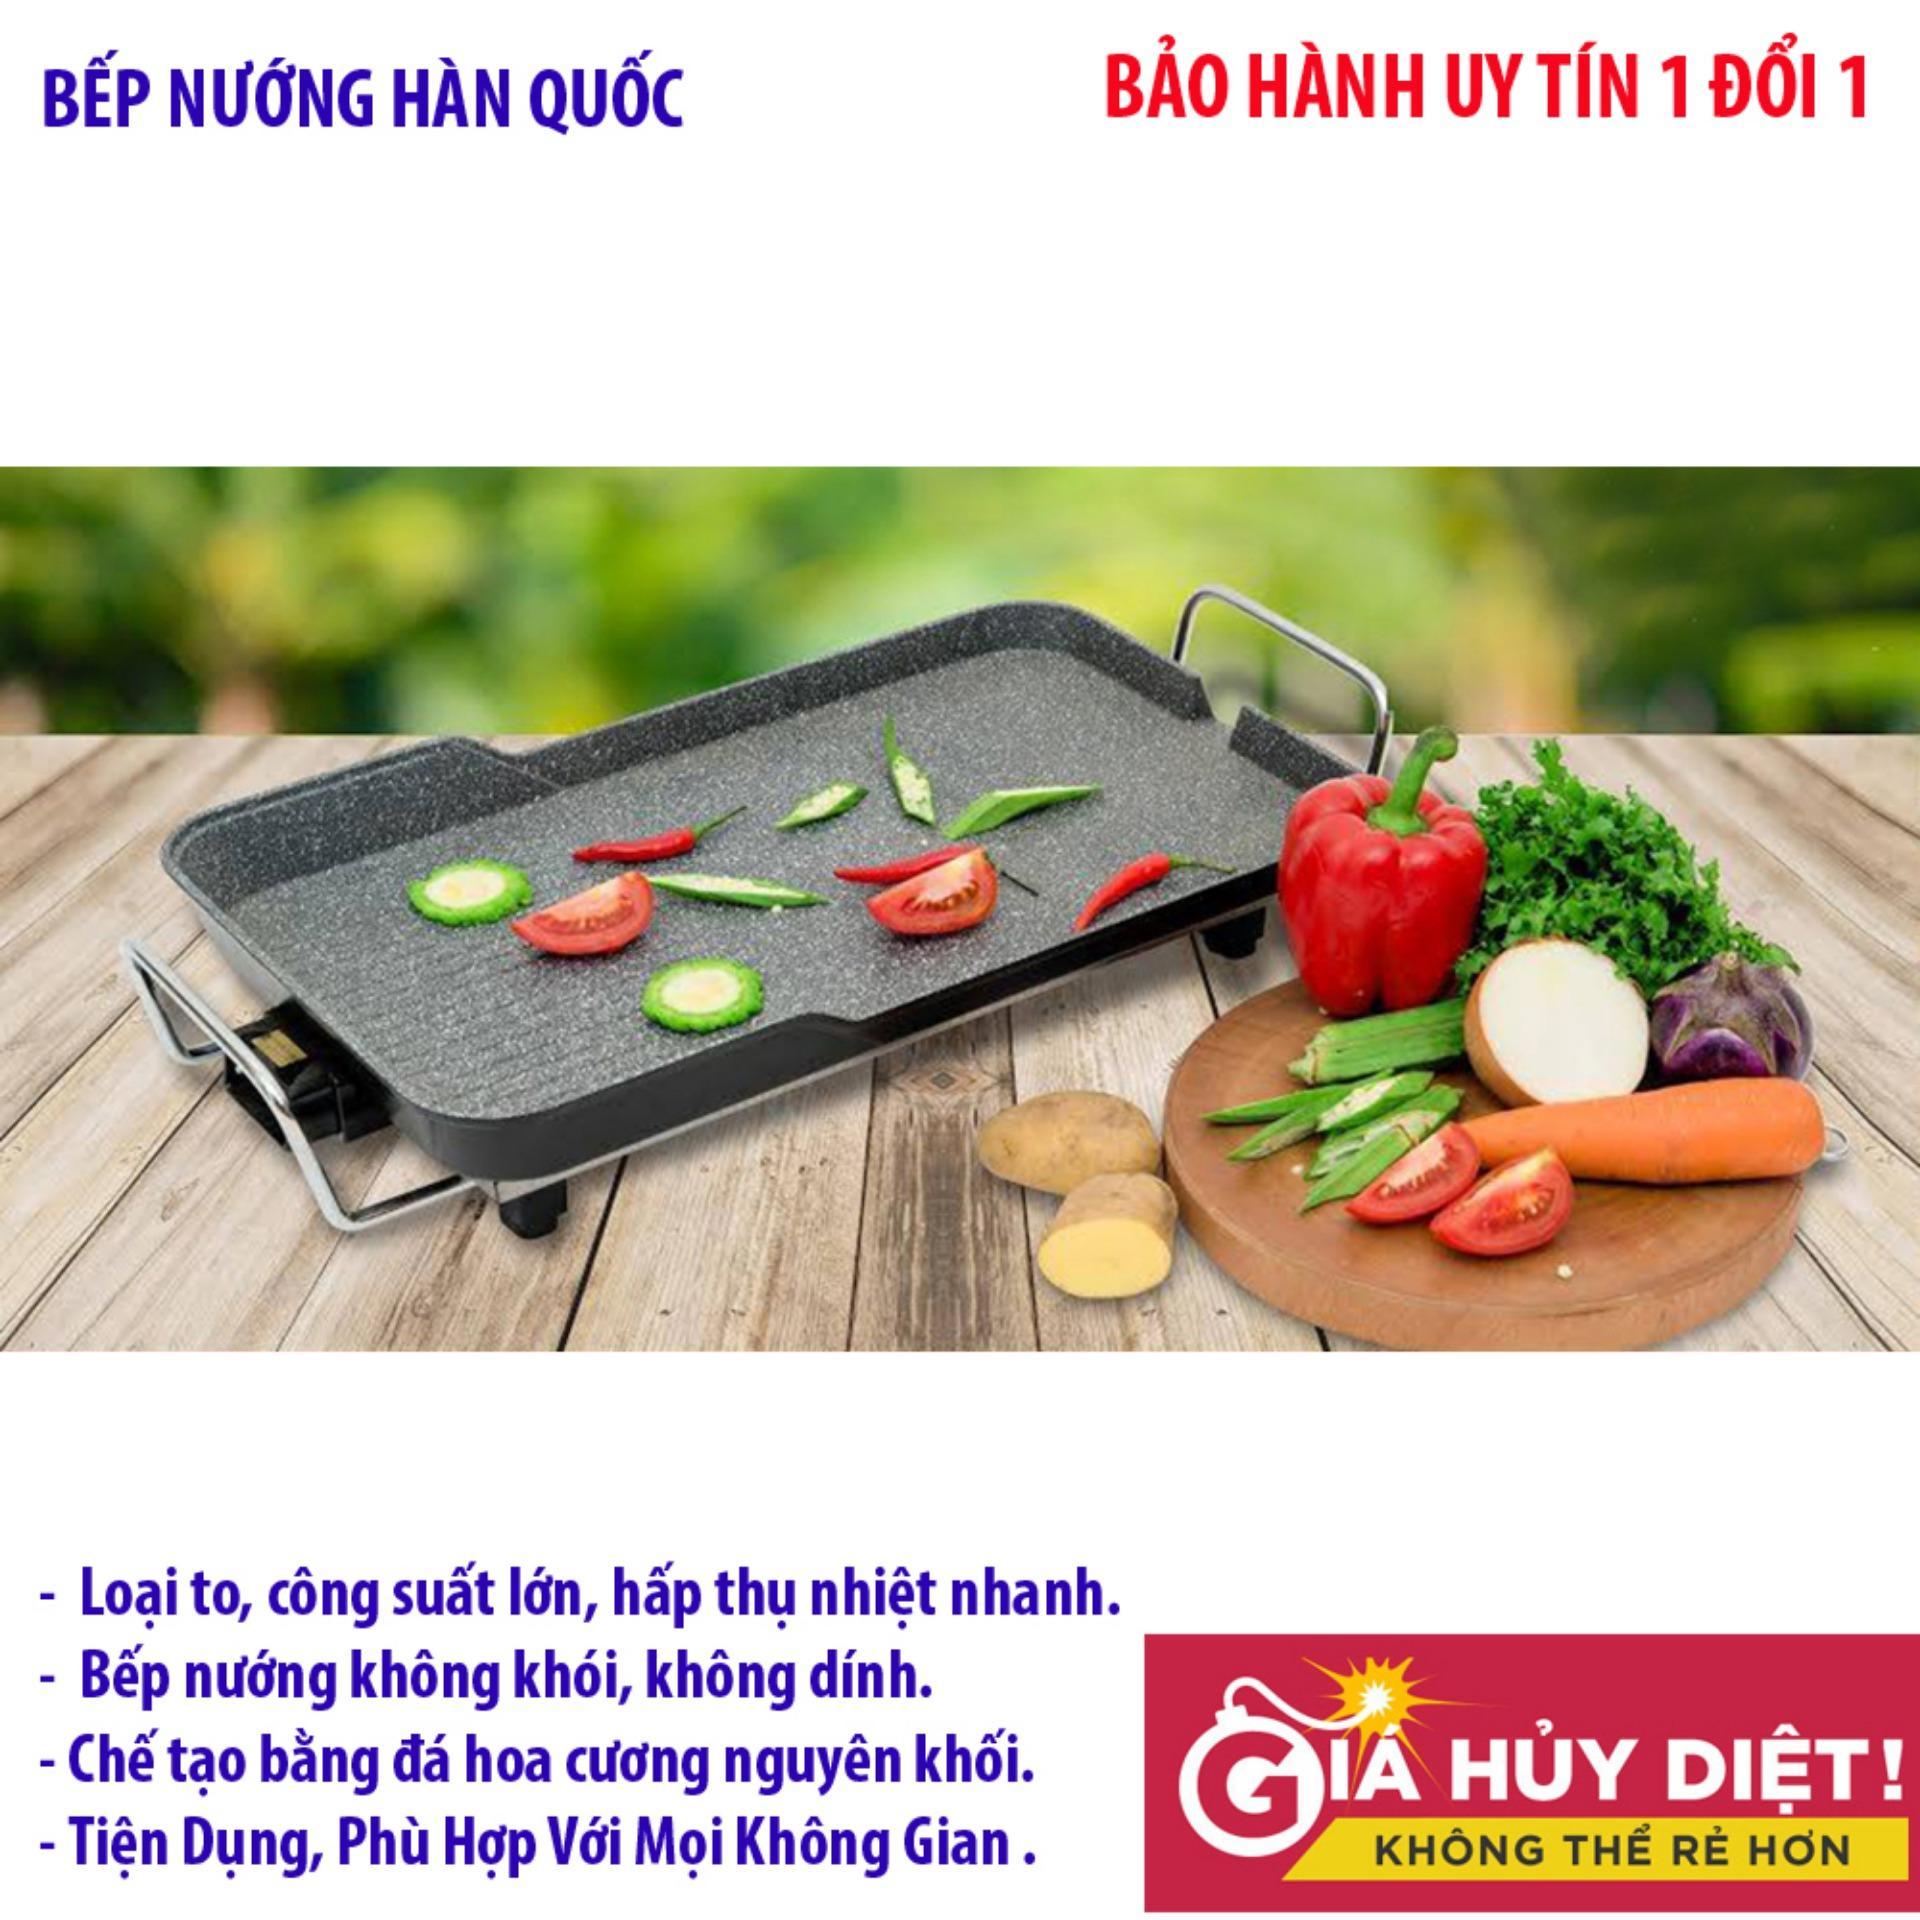 Giá Bán Bếp Nướng Điện Kg198 Bep Nuong Dien Khong Khoi Jinshu Bếp Nướng Cao Cấp Kich Thước Lớn Giảm Gia Cực Sốc Mẫu 130 Bh Uy Tin 1 Đổi 1 Bởi Metrop Mới Nhất